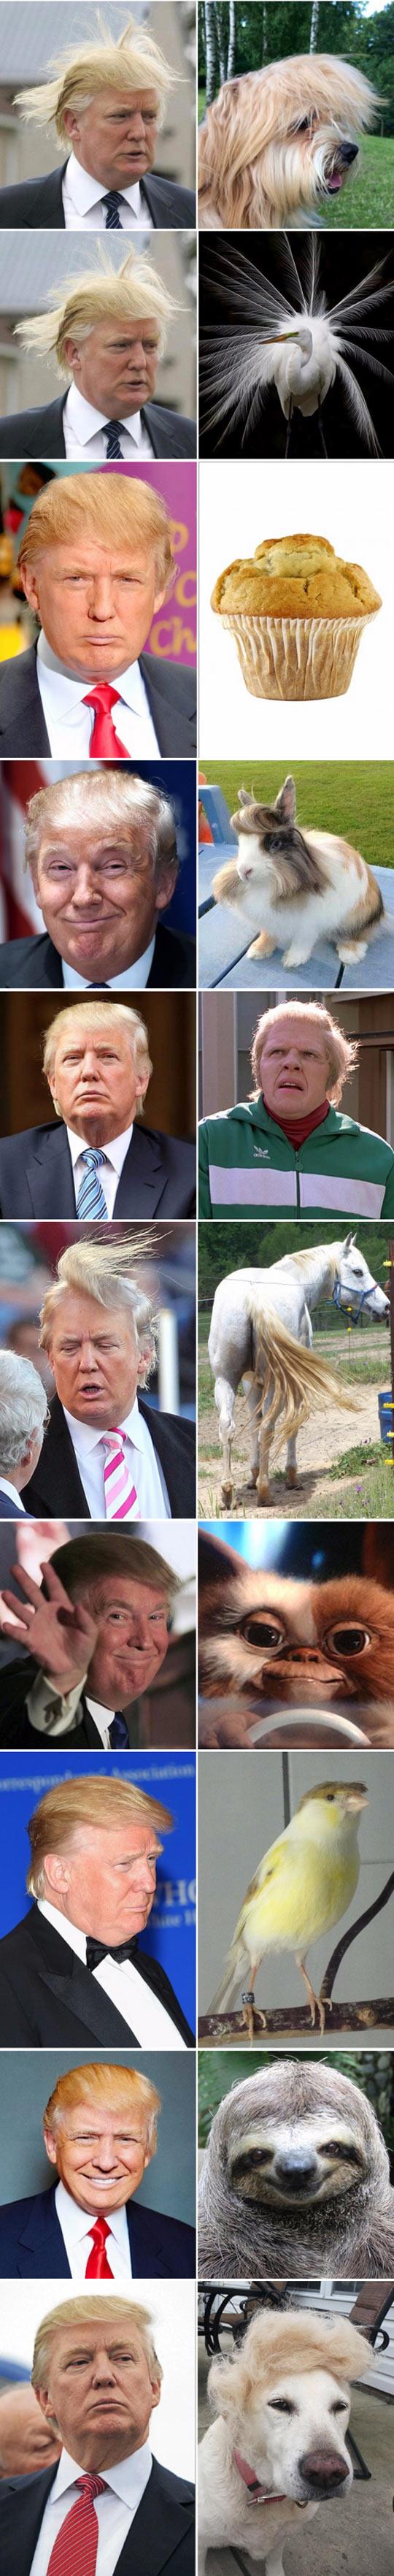 2funny-donald-trump-hair-cat-look-alike